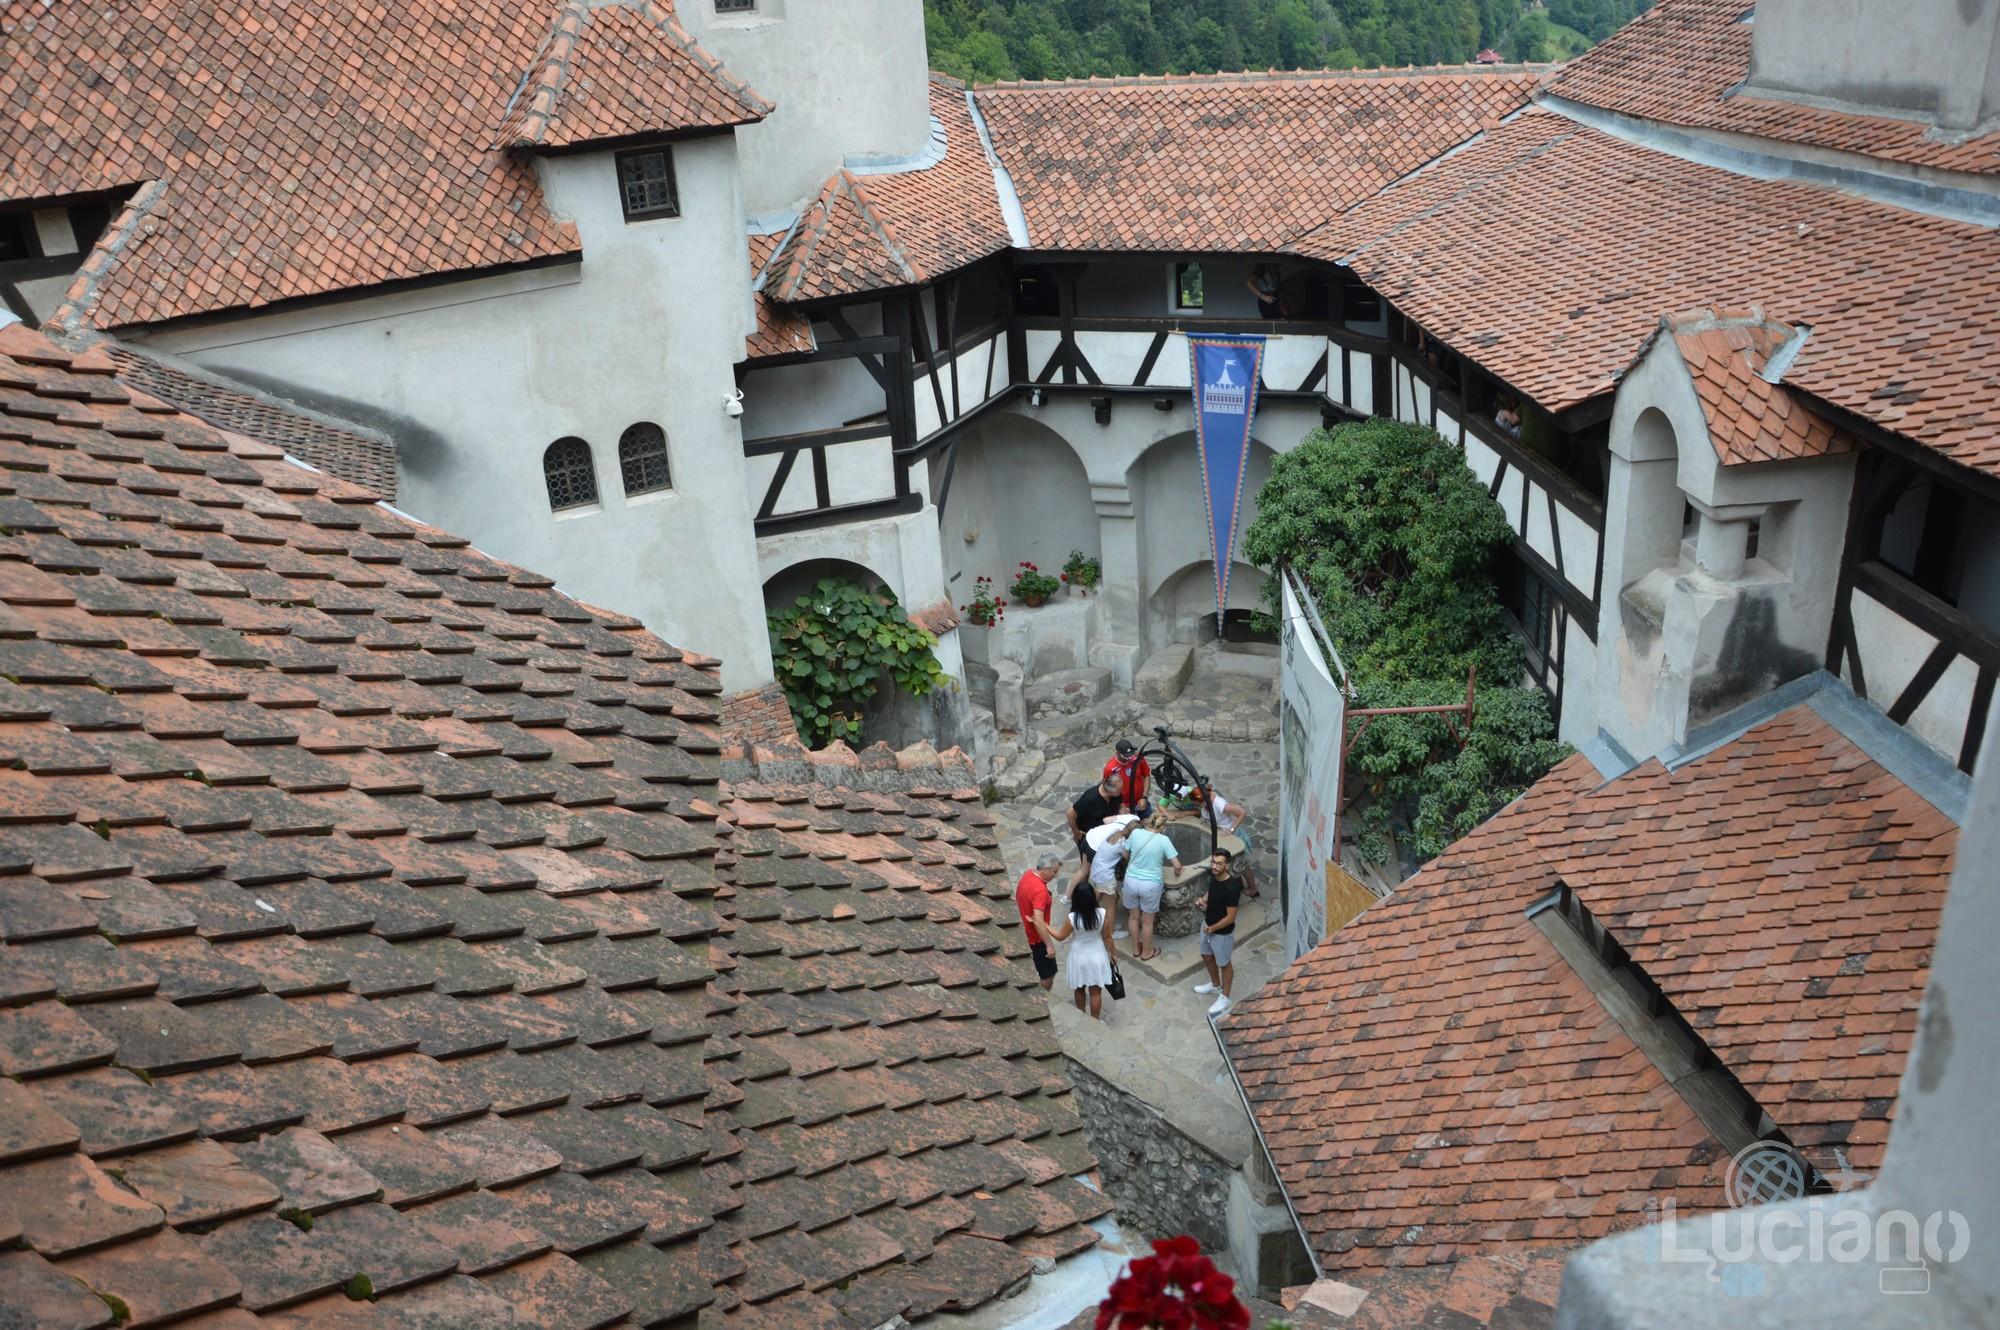 castello-di-dracula-castello-di-bran-luciano-blancato (61)